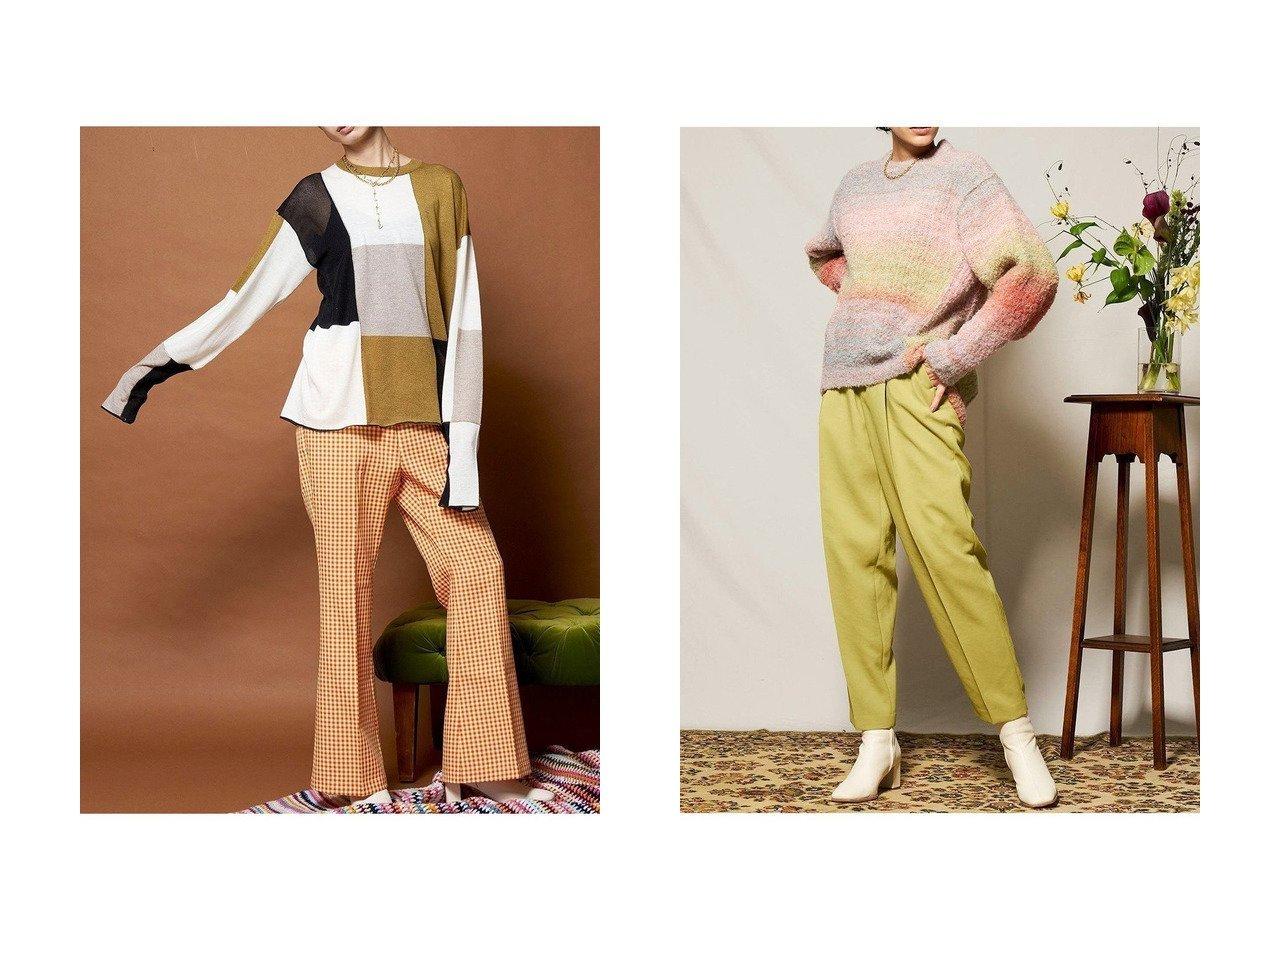 【MAISON SPECIAL/メゾンスペシャル】のマルチカラーブロッキングニット&MIXループニットプルオーバー トップス・カットソーのおすすめ!人気、レディースファッションの通販 おすすめで人気のファッション通販商品 インテリア・家具・キッズファッション・メンズファッション・レディースファッション・服の通販 founy(ファニー) https://founy.com/ ファッション Fashion レディース WOMEN トップス Tops Tshirt ニット Knit Tops プルオーバー Pullover アシンメトリー シアー ドッキング ドレープ パッチワーク ワンポイント ループ |ID:crp329100000001901